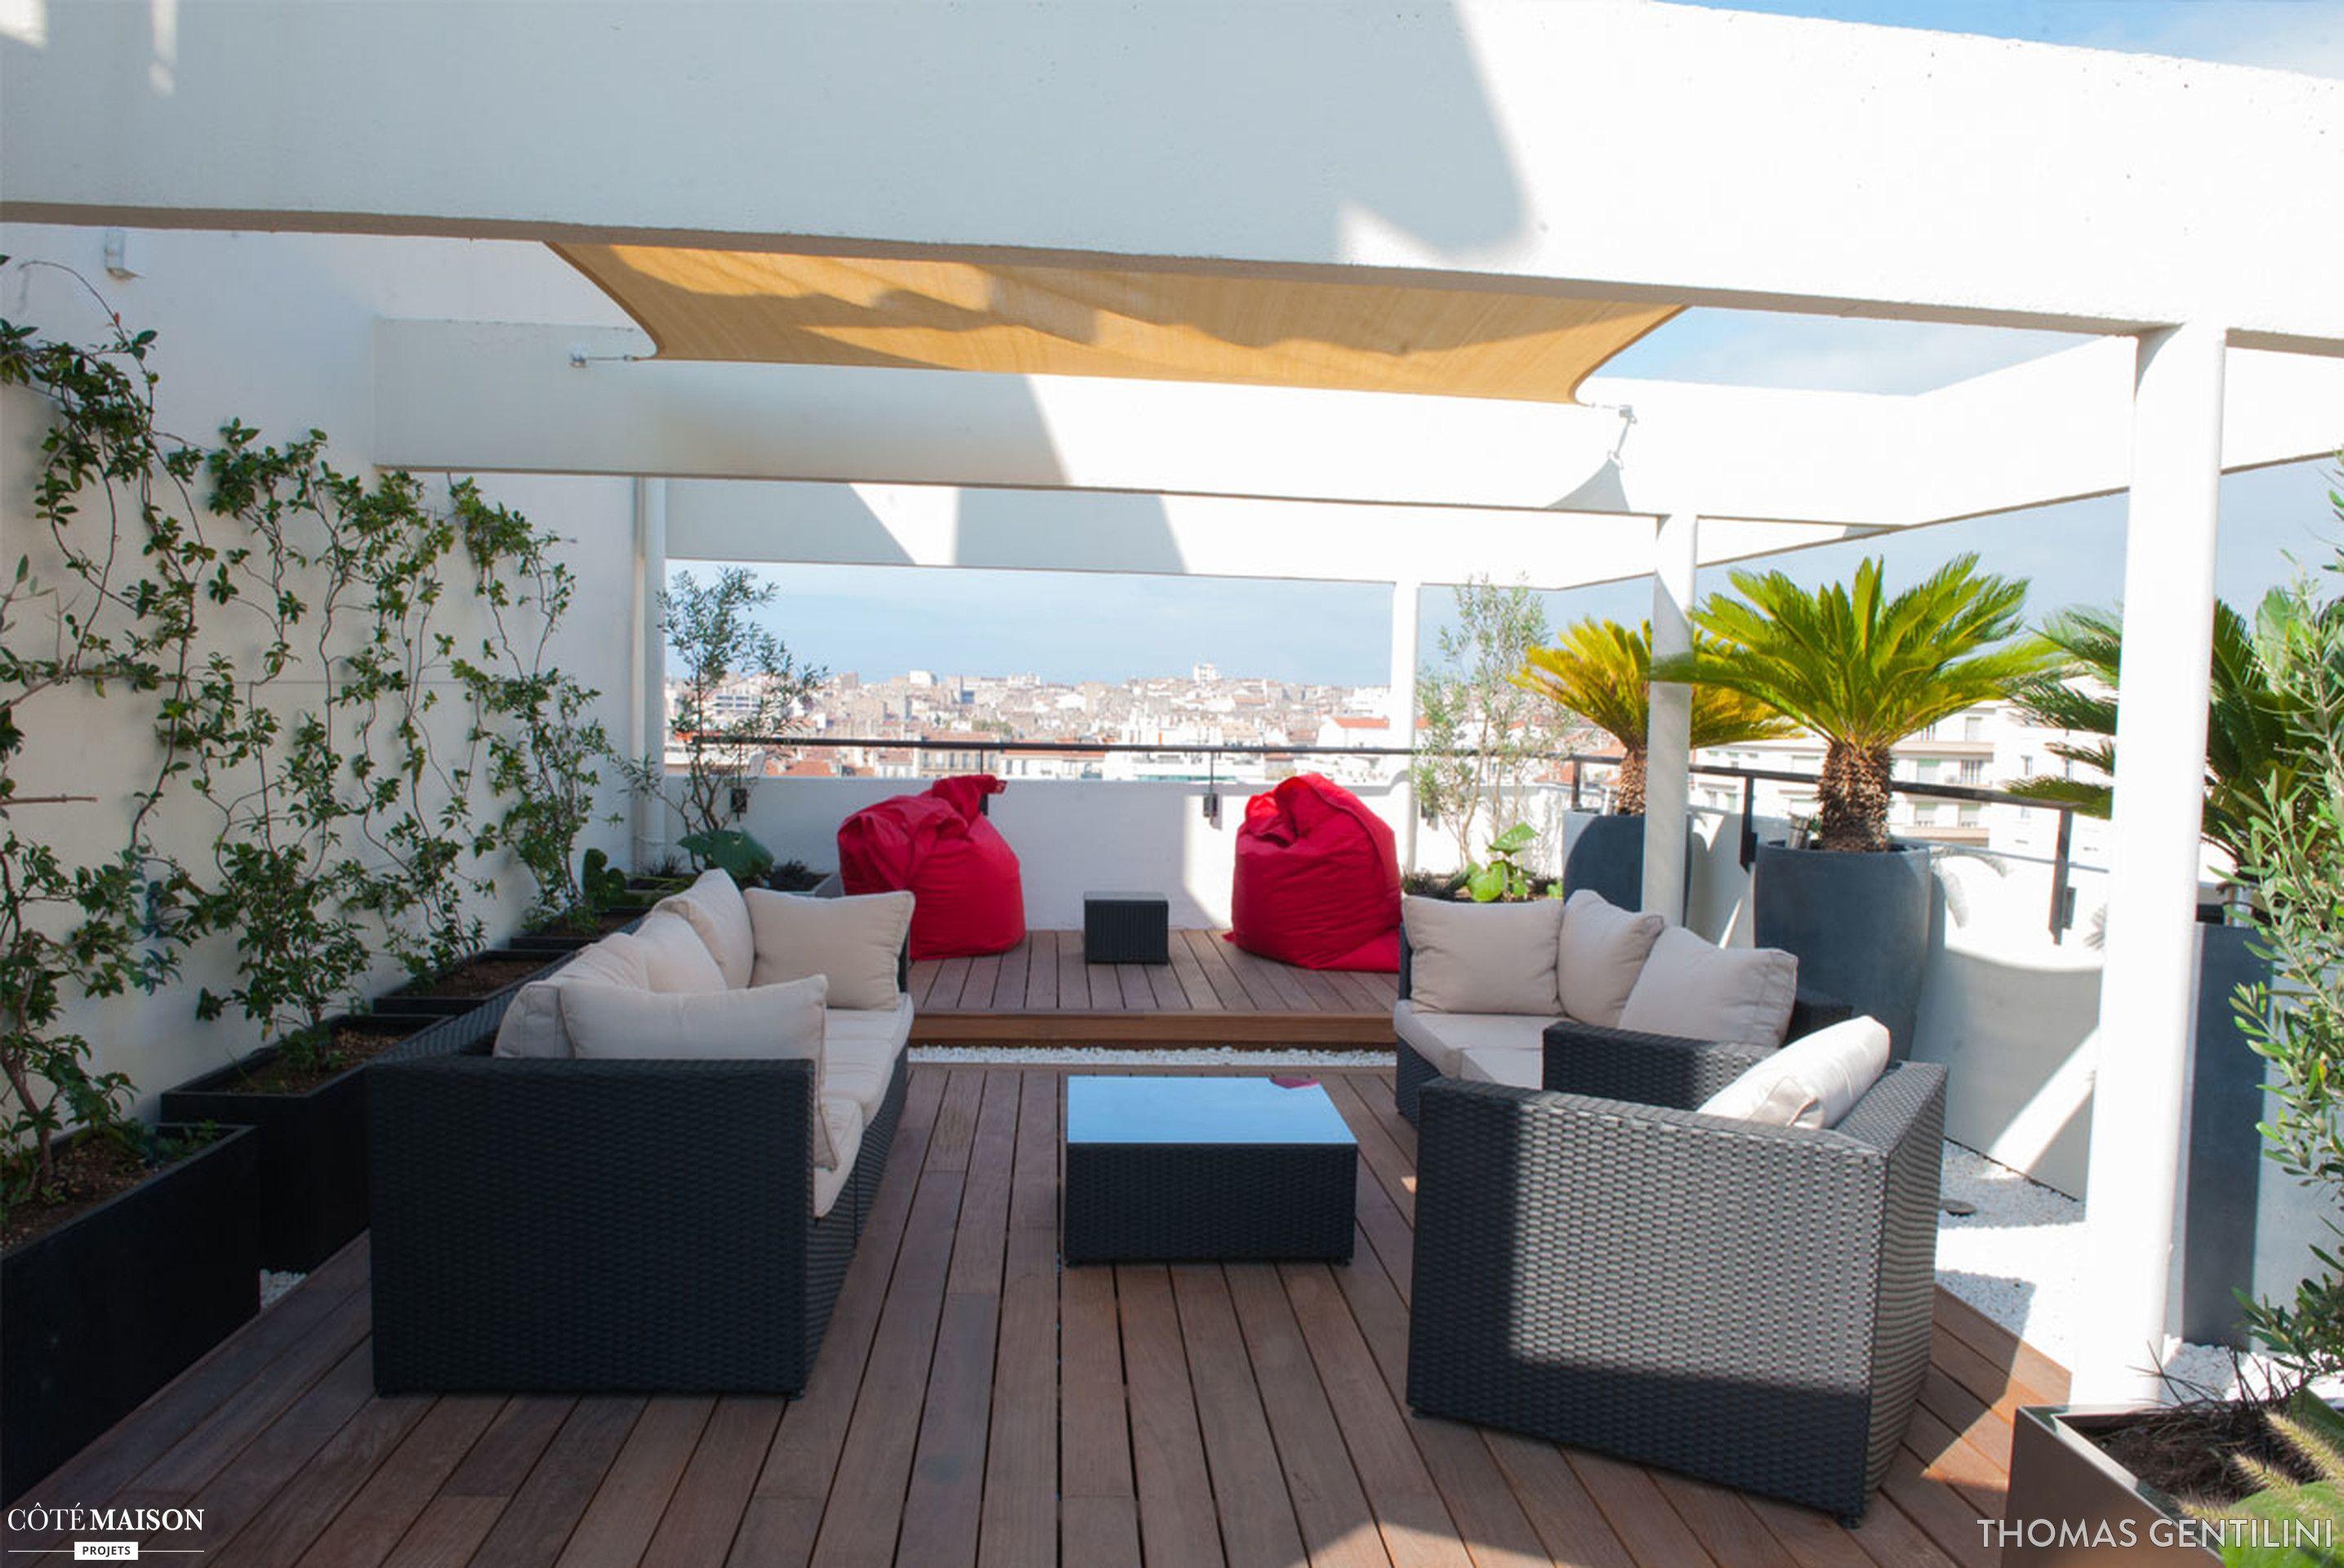 Terrasse Contemporaine En Centre Ville De Marseille Thomas Gentilini Cote Maison Projets Avec Images Terrasse Contemporaine Terrasse Deco Terrasse